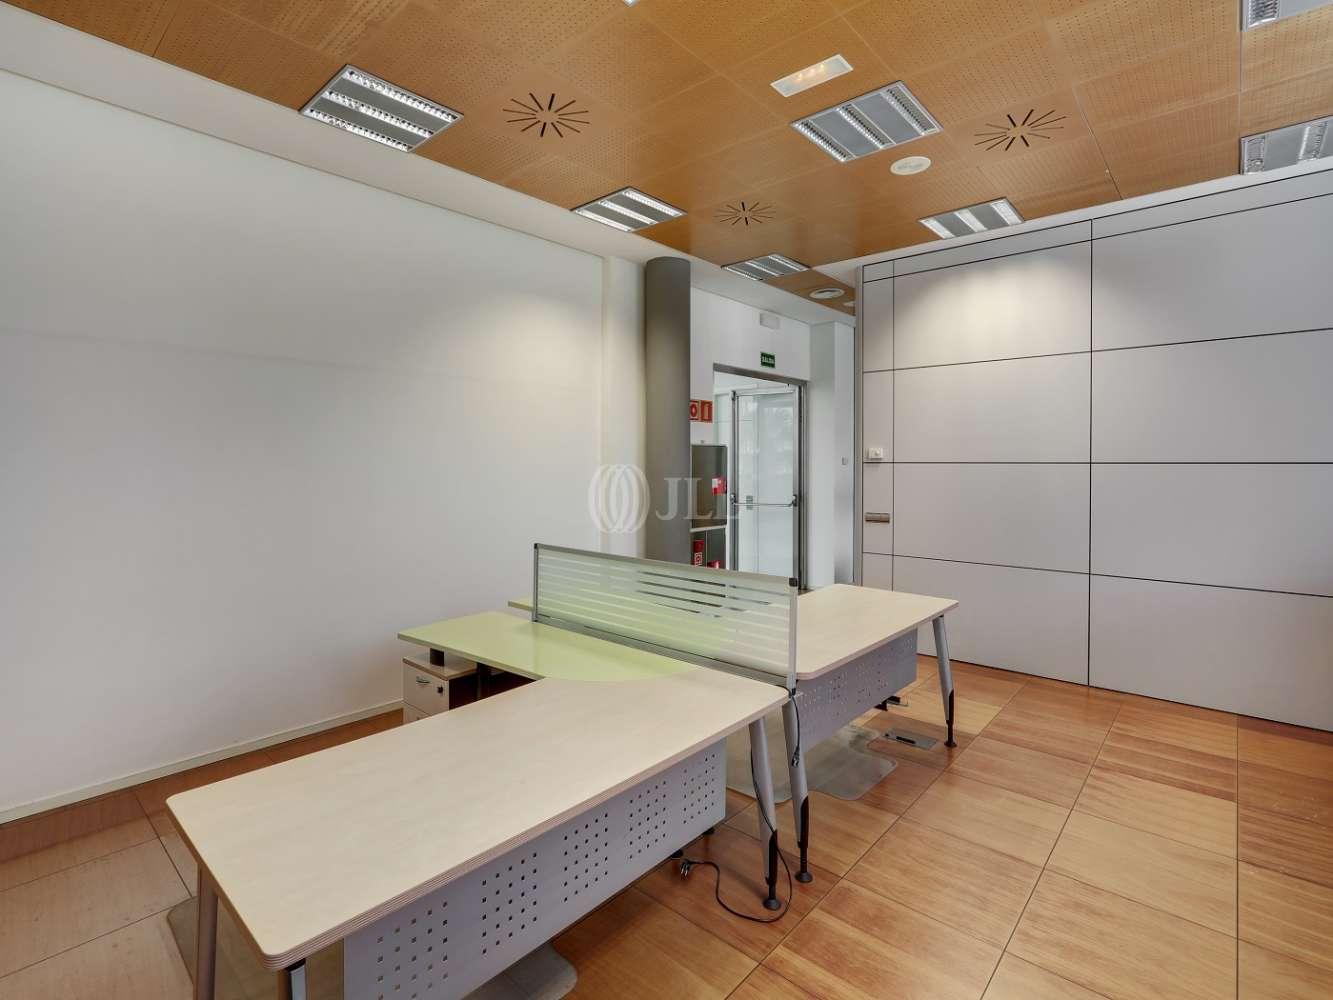 Oficina Las rozas de madrid, 28232 - Edificio 1 - 23188